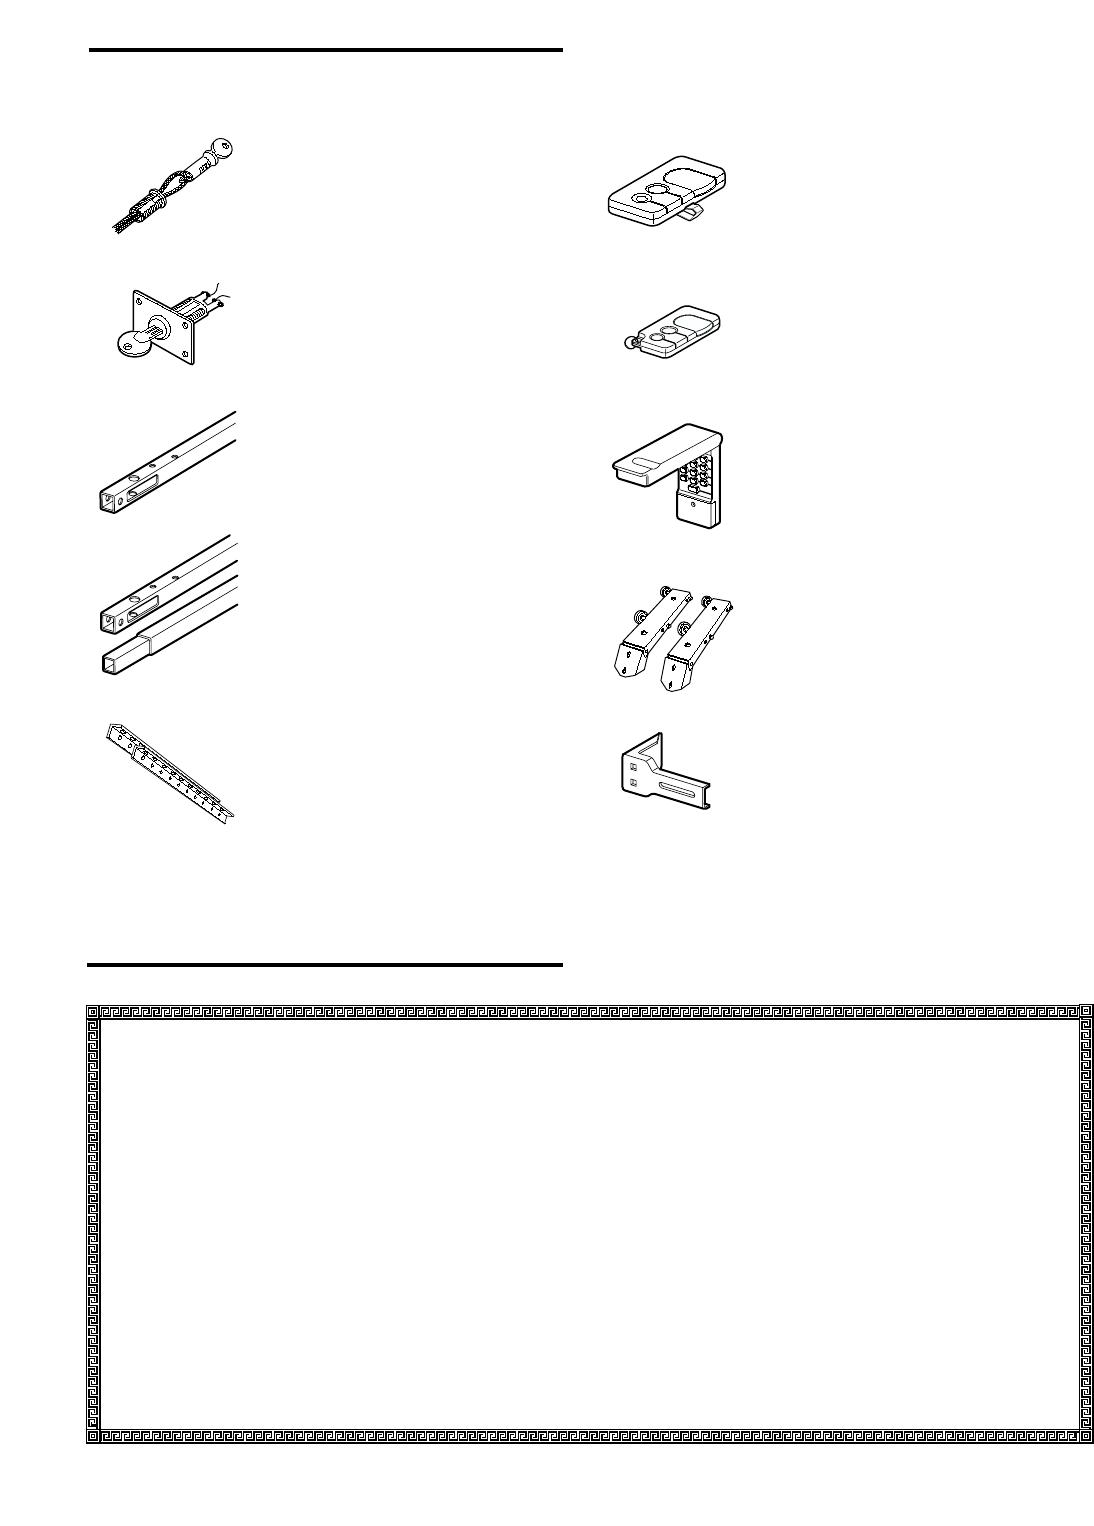 page 75 of sears garage door opener 139 53970srt user